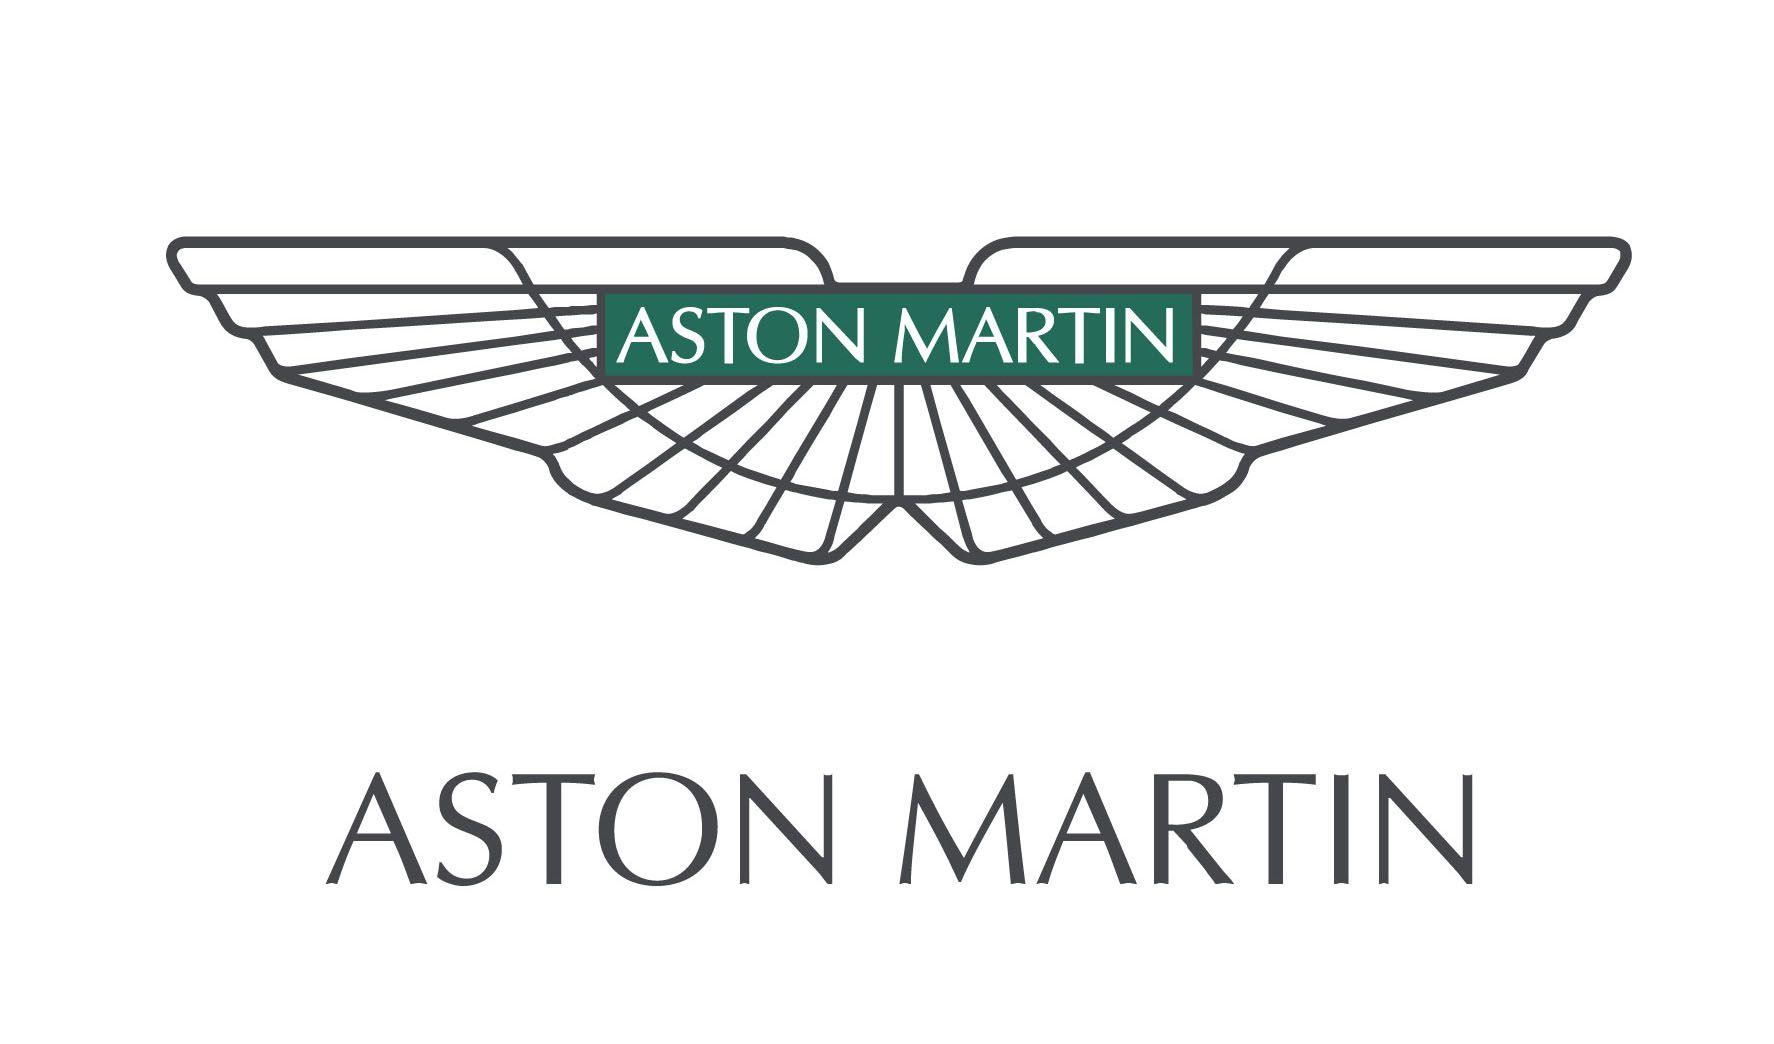 эмблемы автомобилей aston martin, bentley, austin